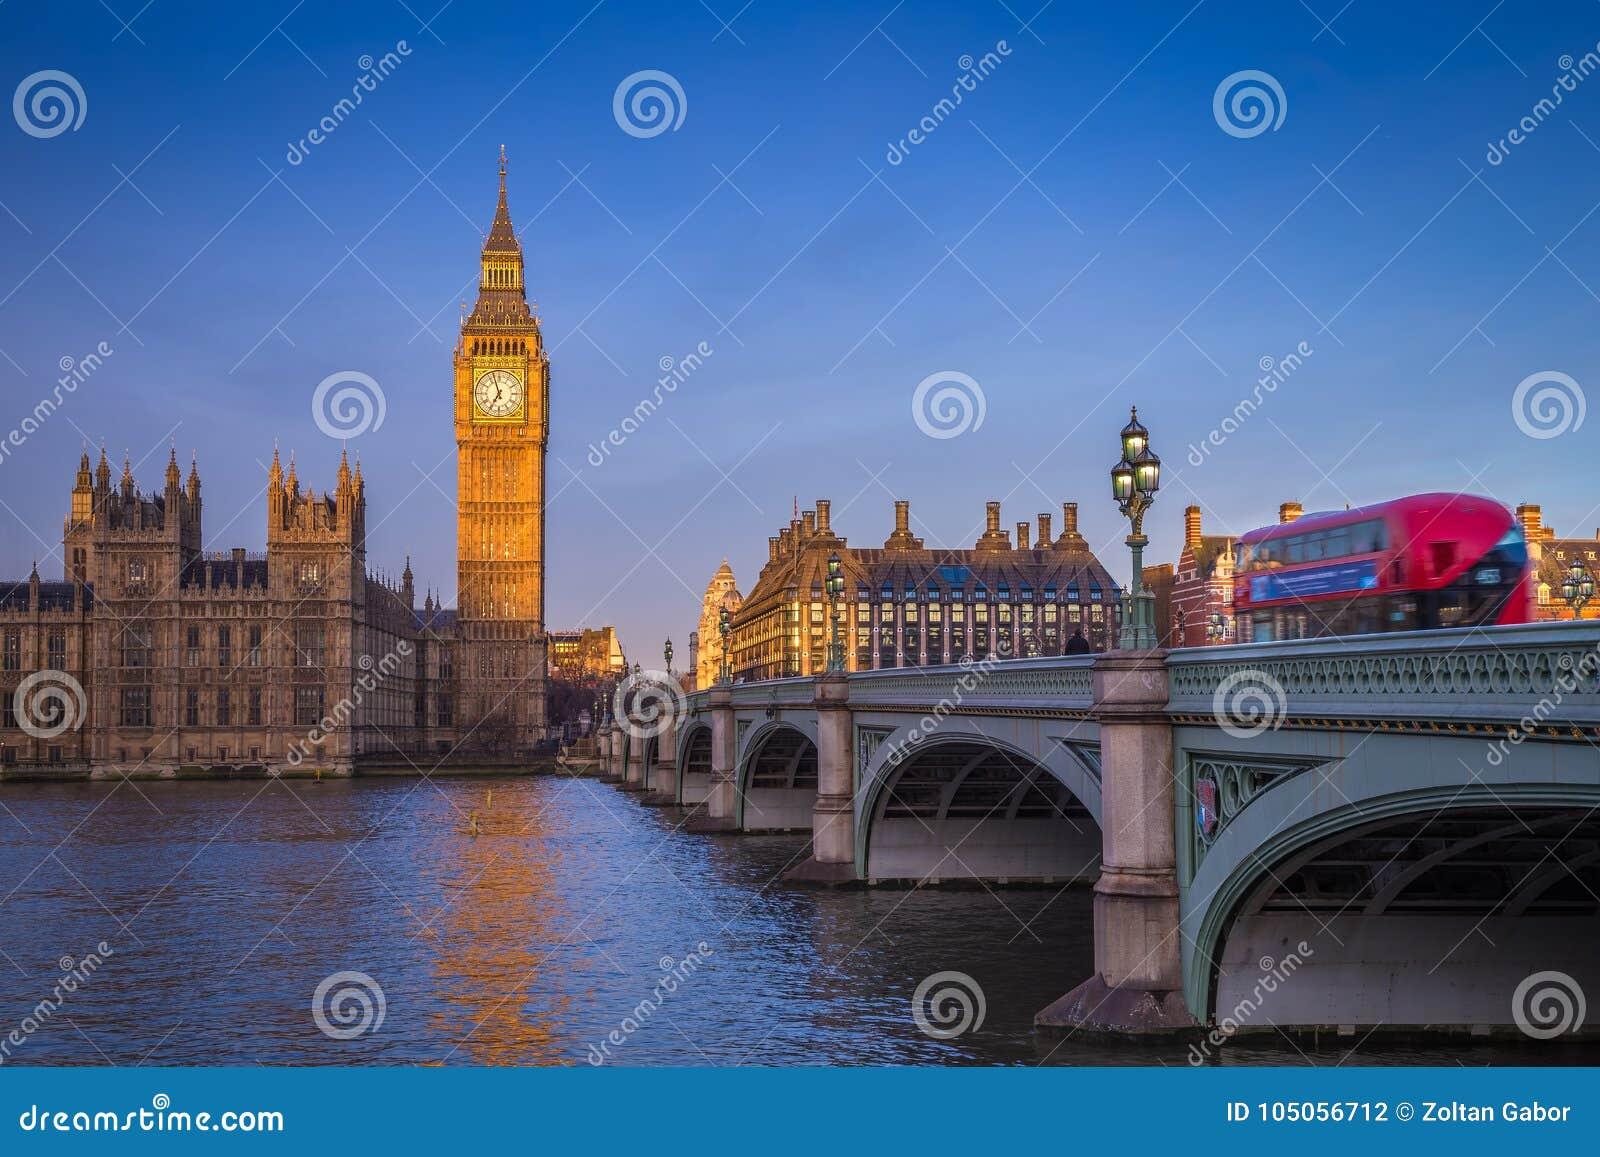 Londen, Engeland - iconisch Big Ben met Huizen van het Parlement en het traditionele rode dubbele dek vervoeren per bus